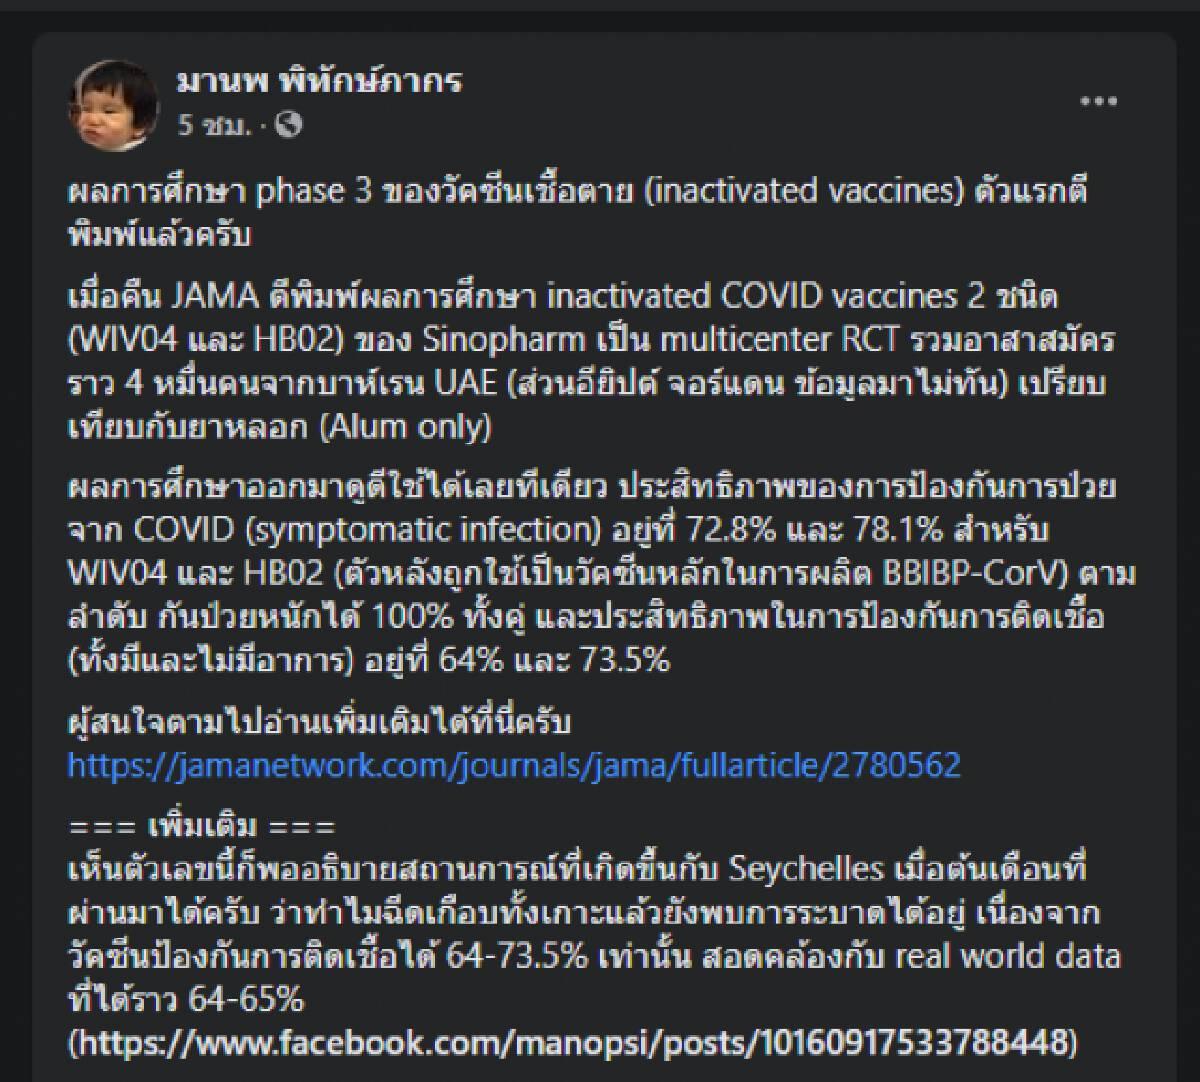 """เปิดผลศึกษา """"ซิโนฟาร์ม"""" วัคซีนทางเลือกใหม่คนไทย"""